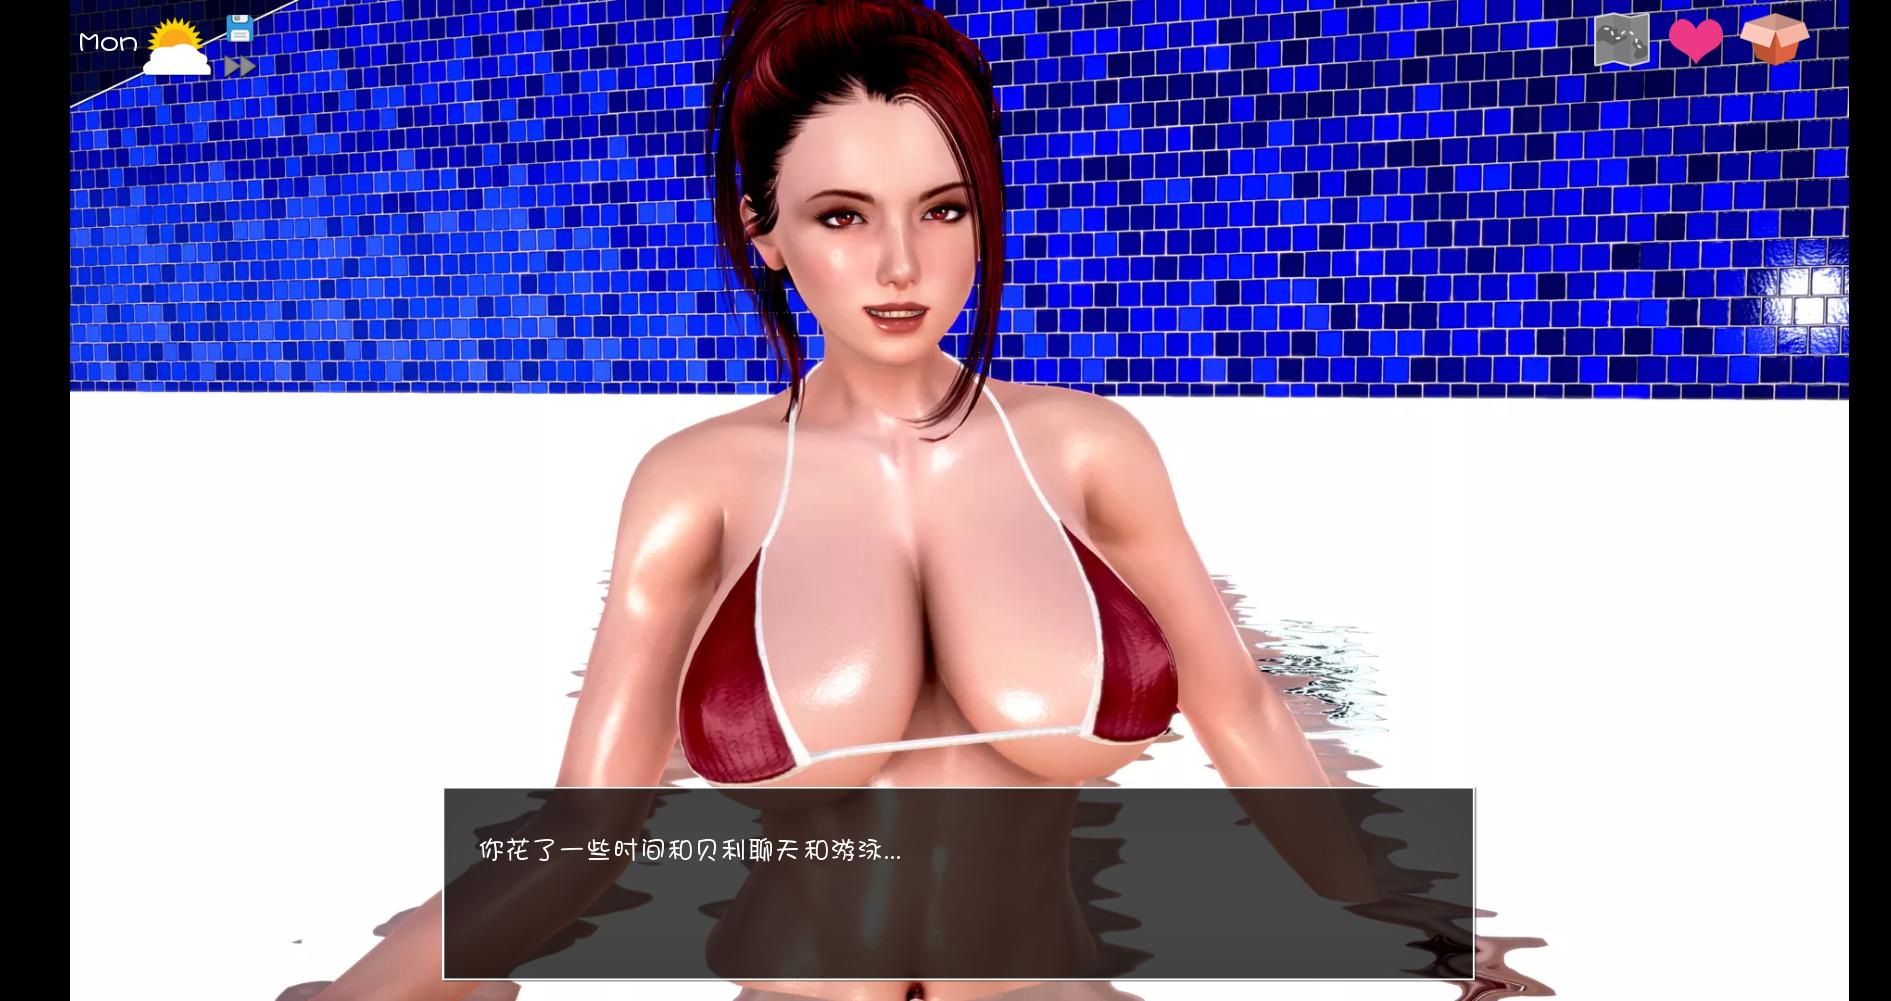 《神话庄园v0.12》/SLG游戏/PC/安卓